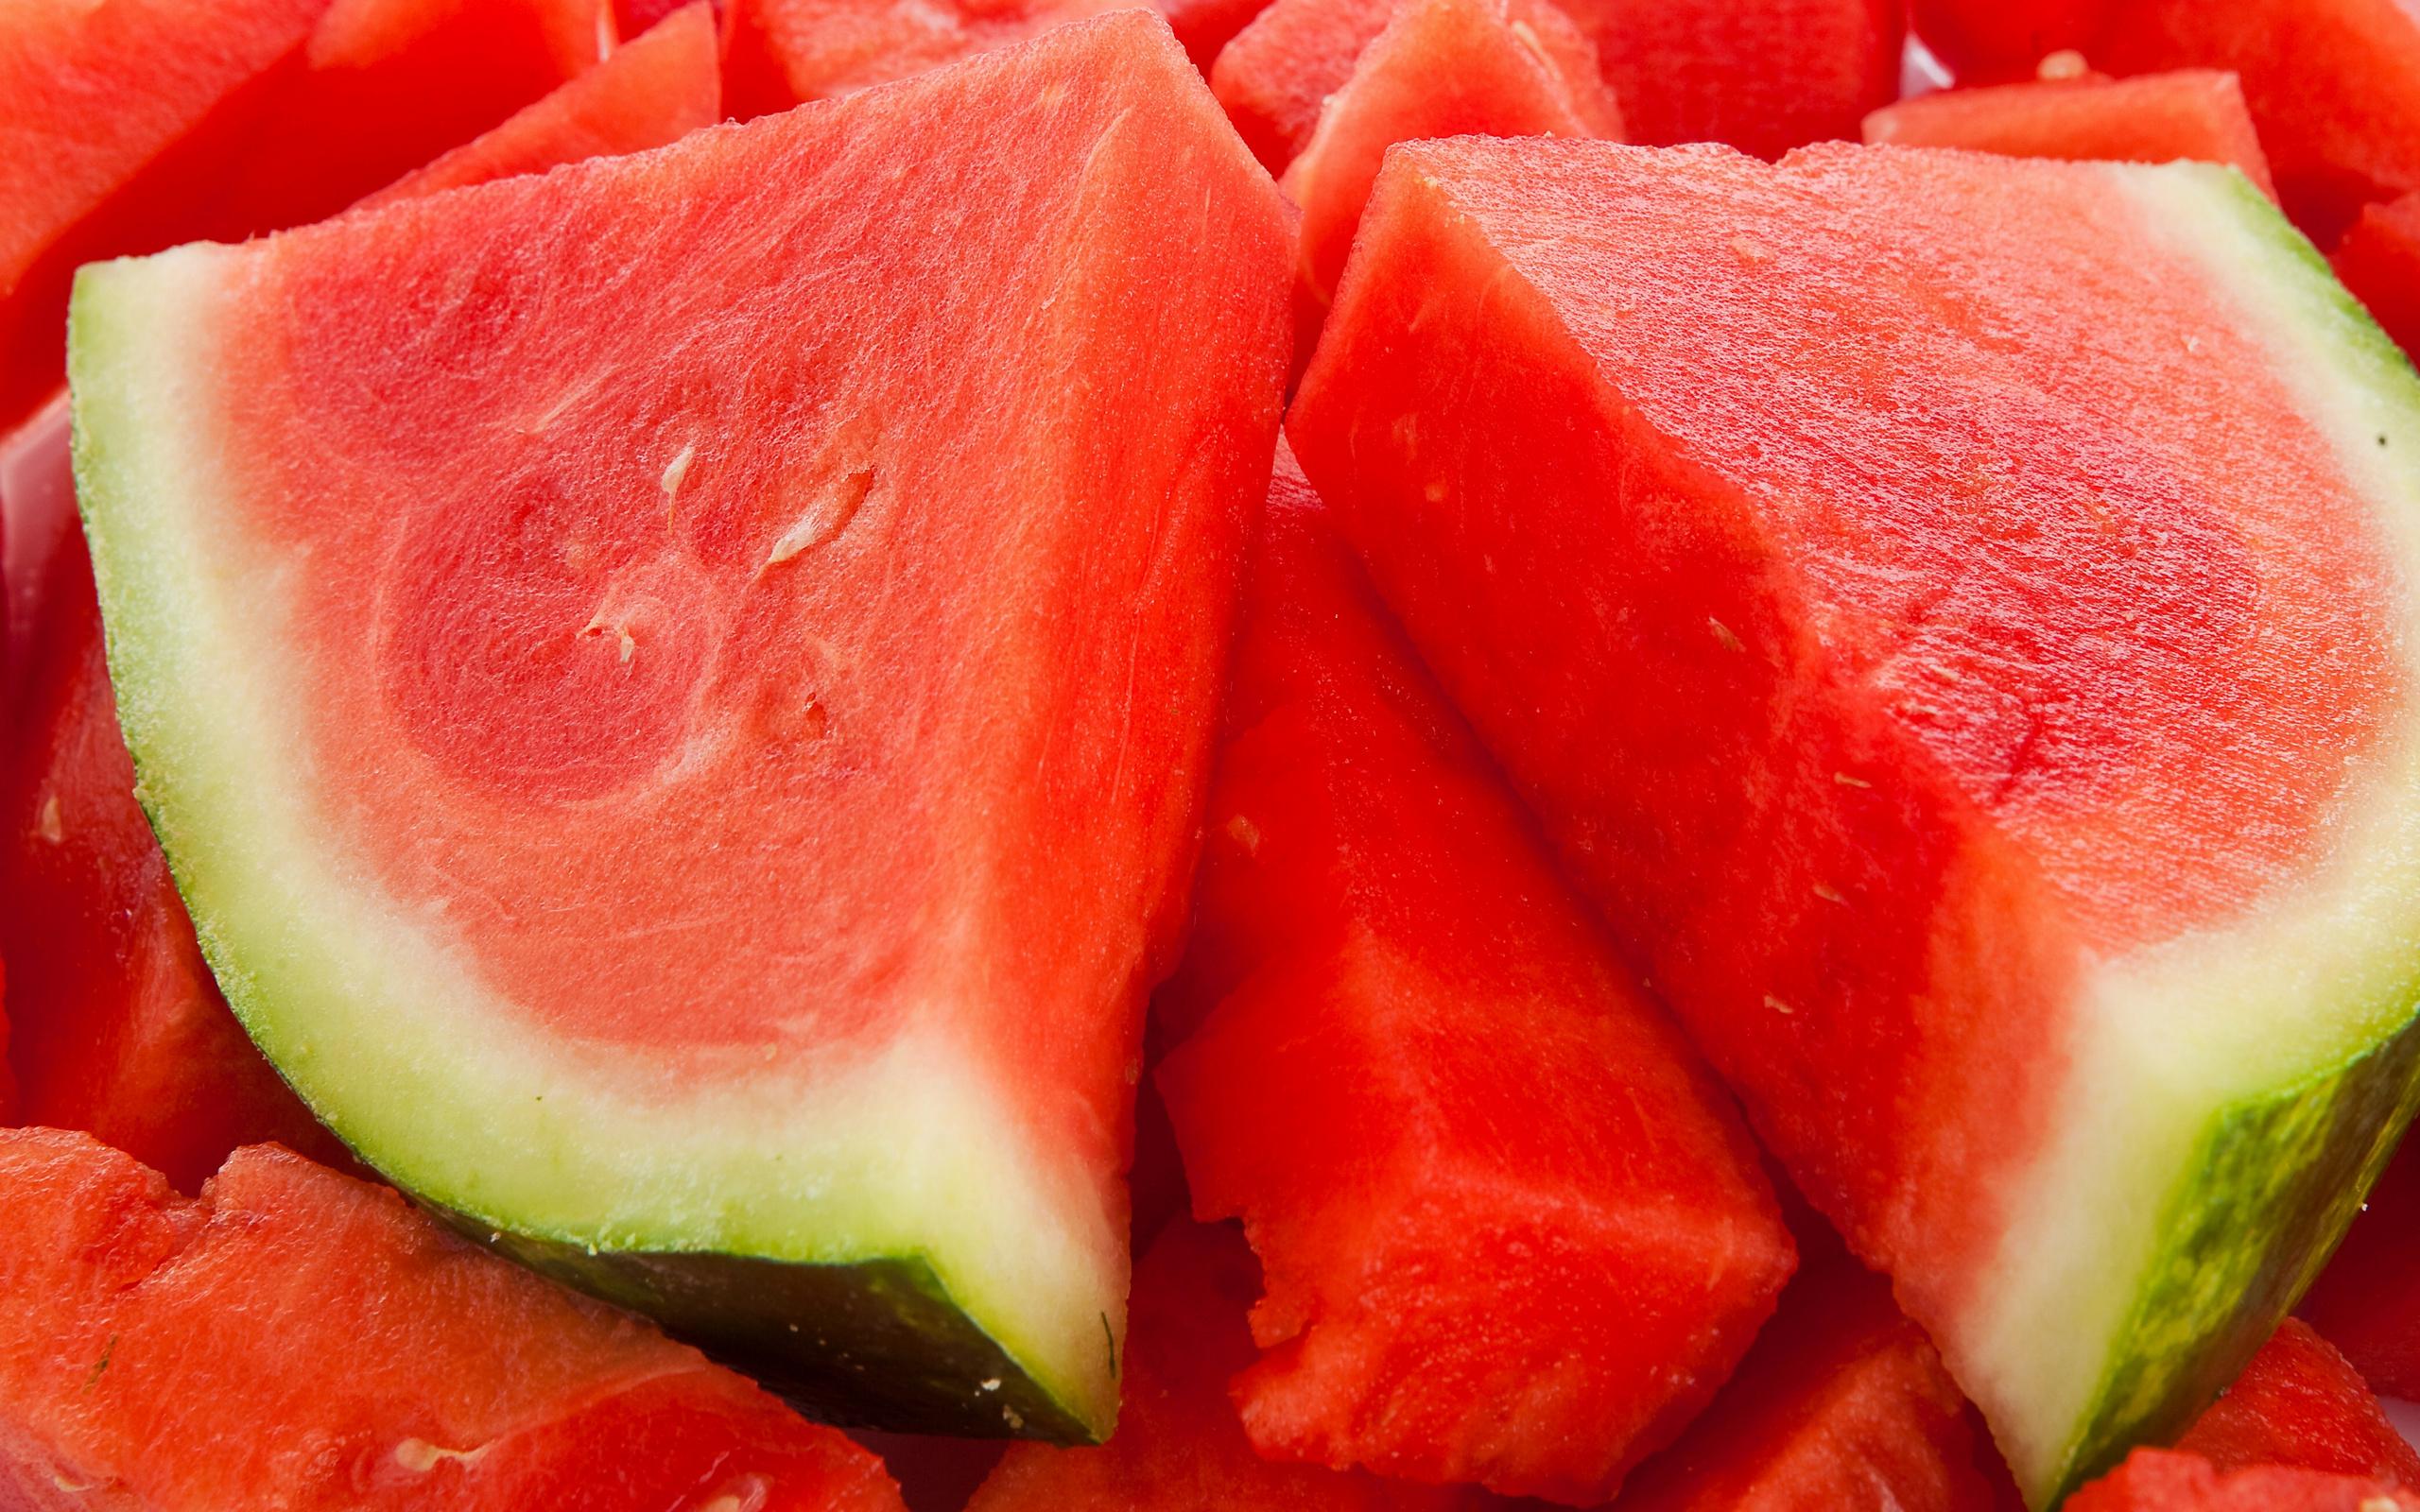 картинки на рабочий стол лето фрукты арбуз так само решение